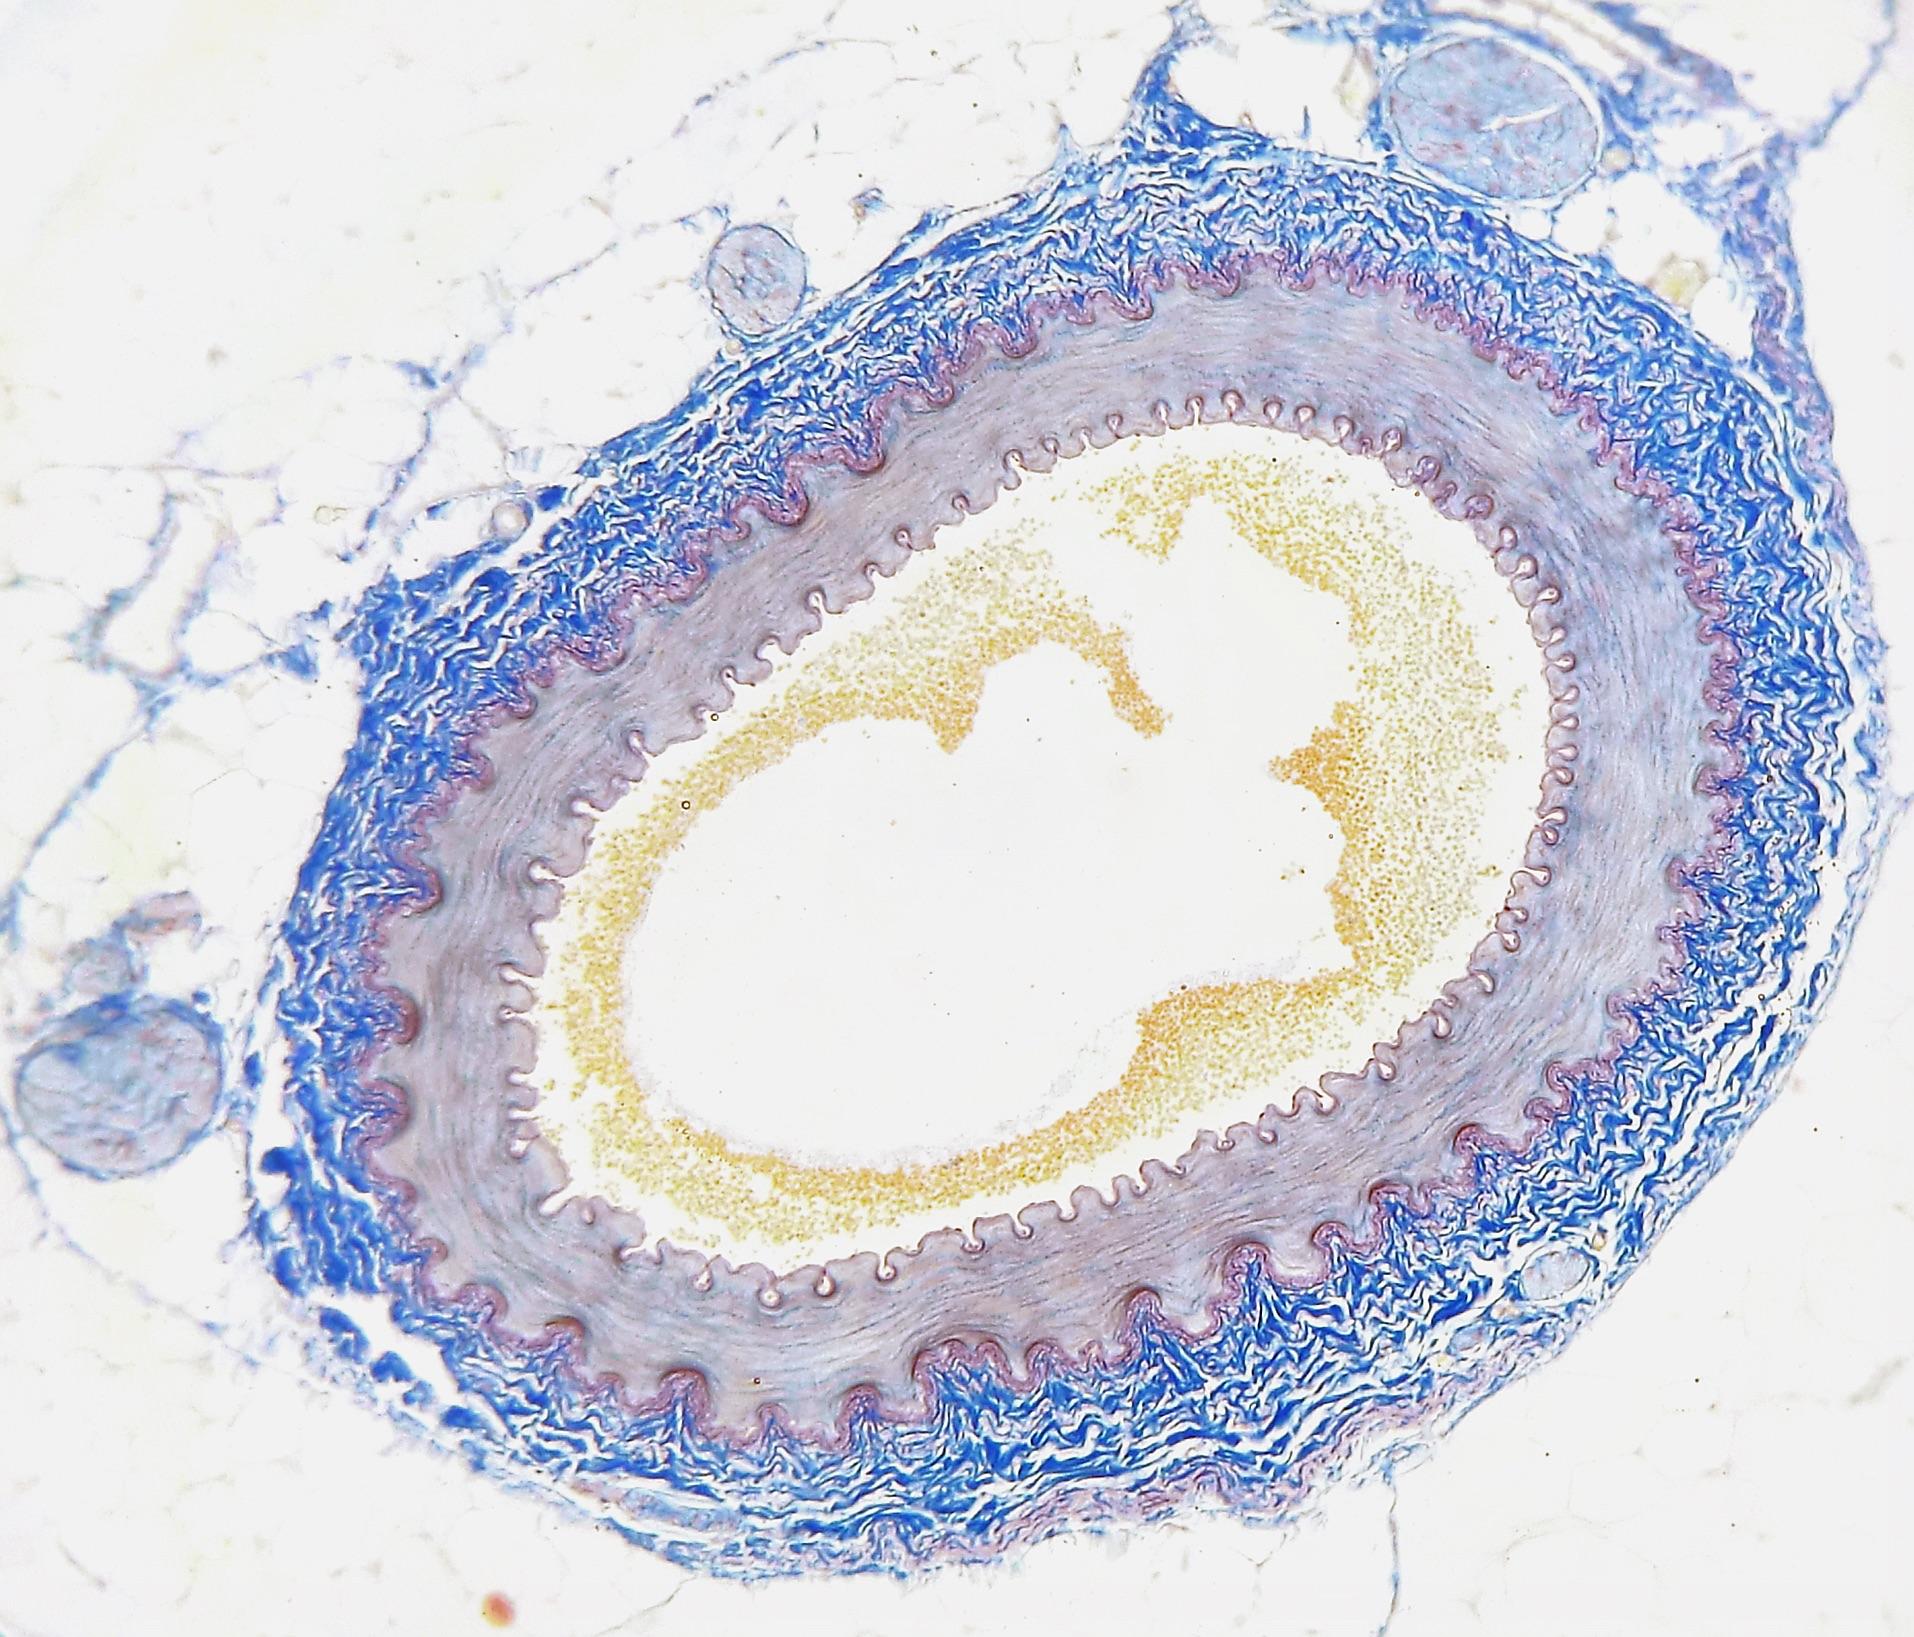 Querschnitt einer menschlichen Arterie mit Verkalkungen (gelb). © Wikimedia Commons